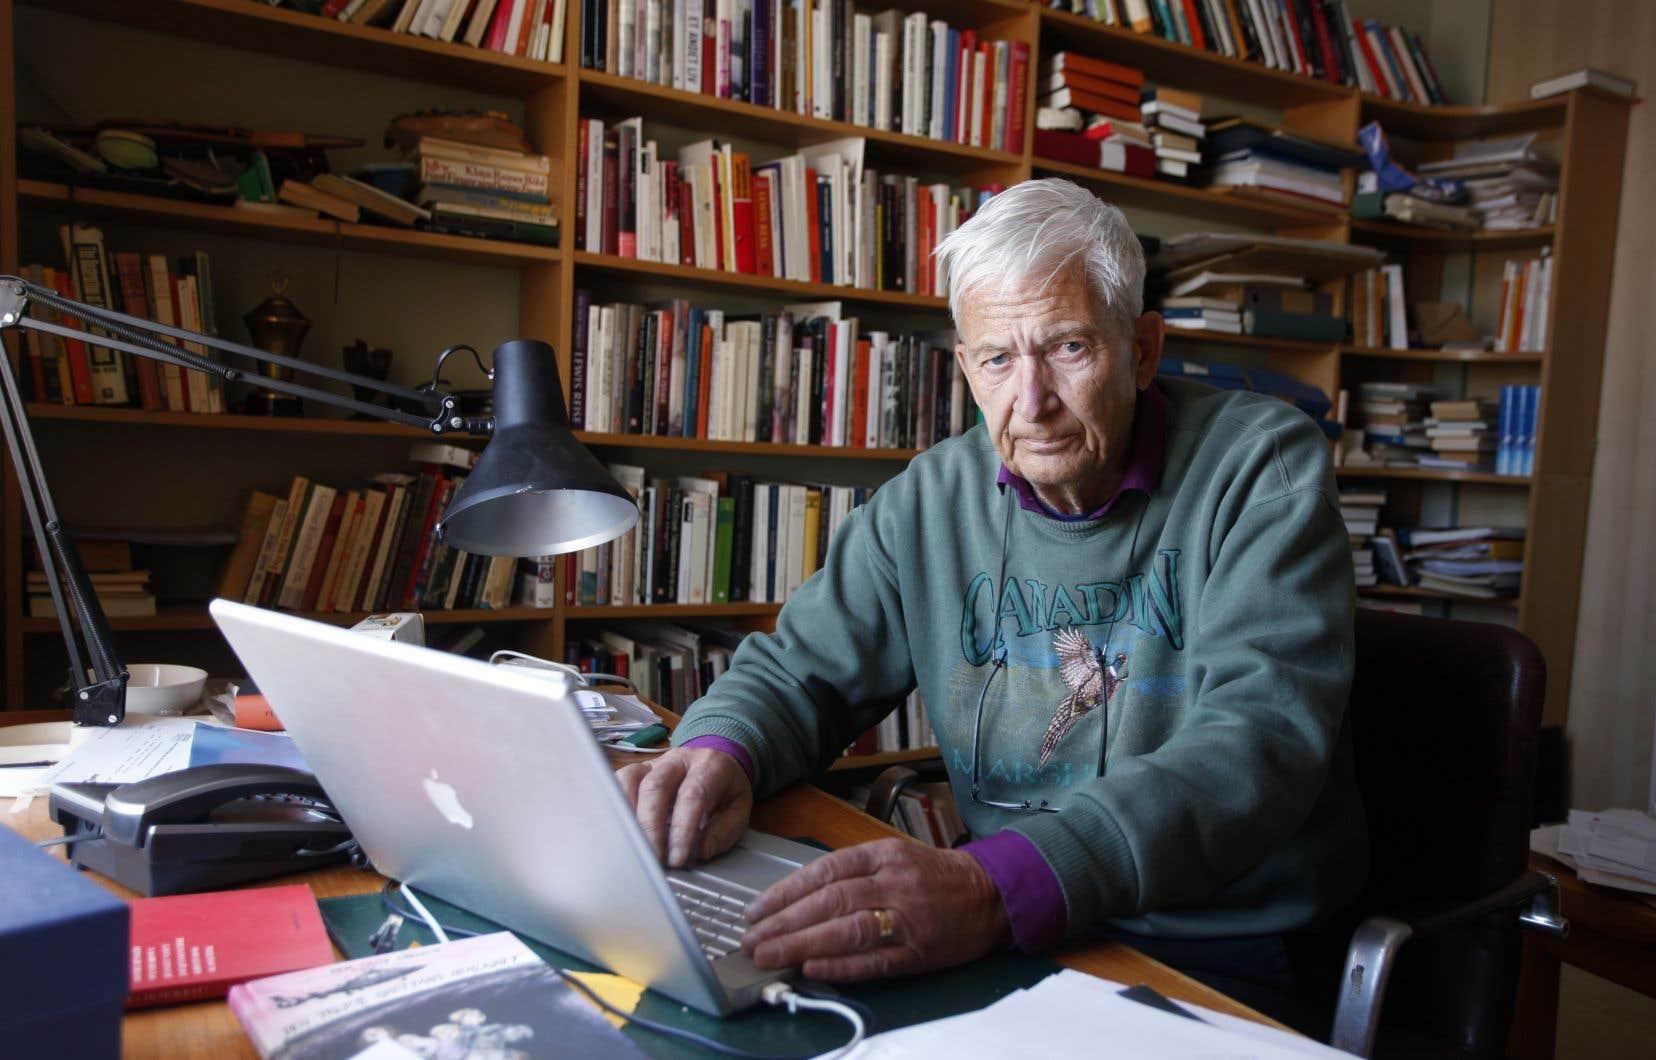 Romancier, dramaturge, journaliste, essayiste, Per Olov Enquist s'est éteint samedi soir, ont annoncé sa famille et son éditeur.